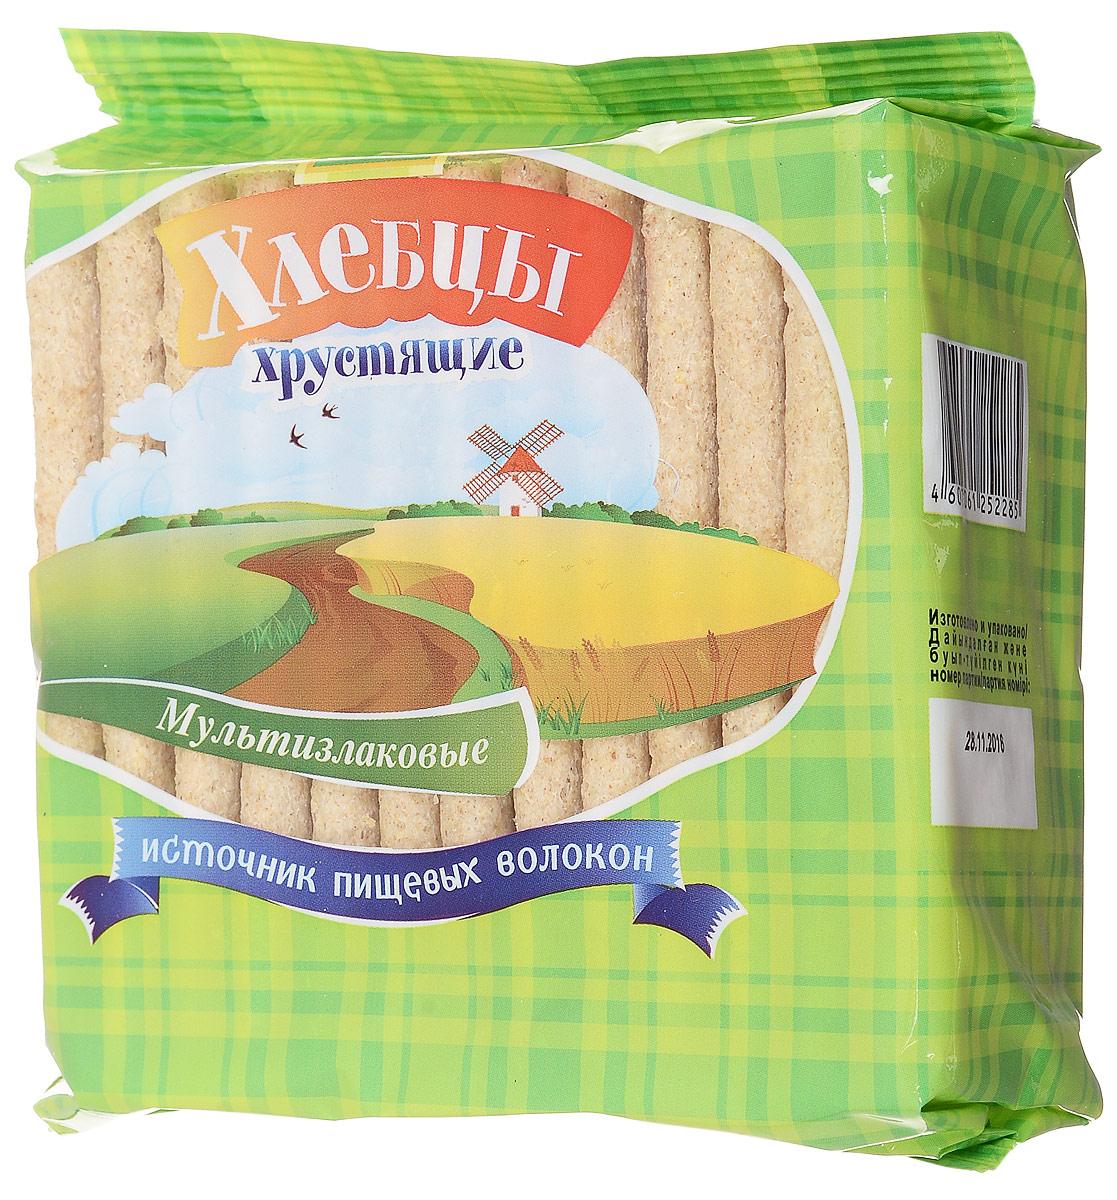 Диадар Хлебцы Мультизлаковые, 100 г